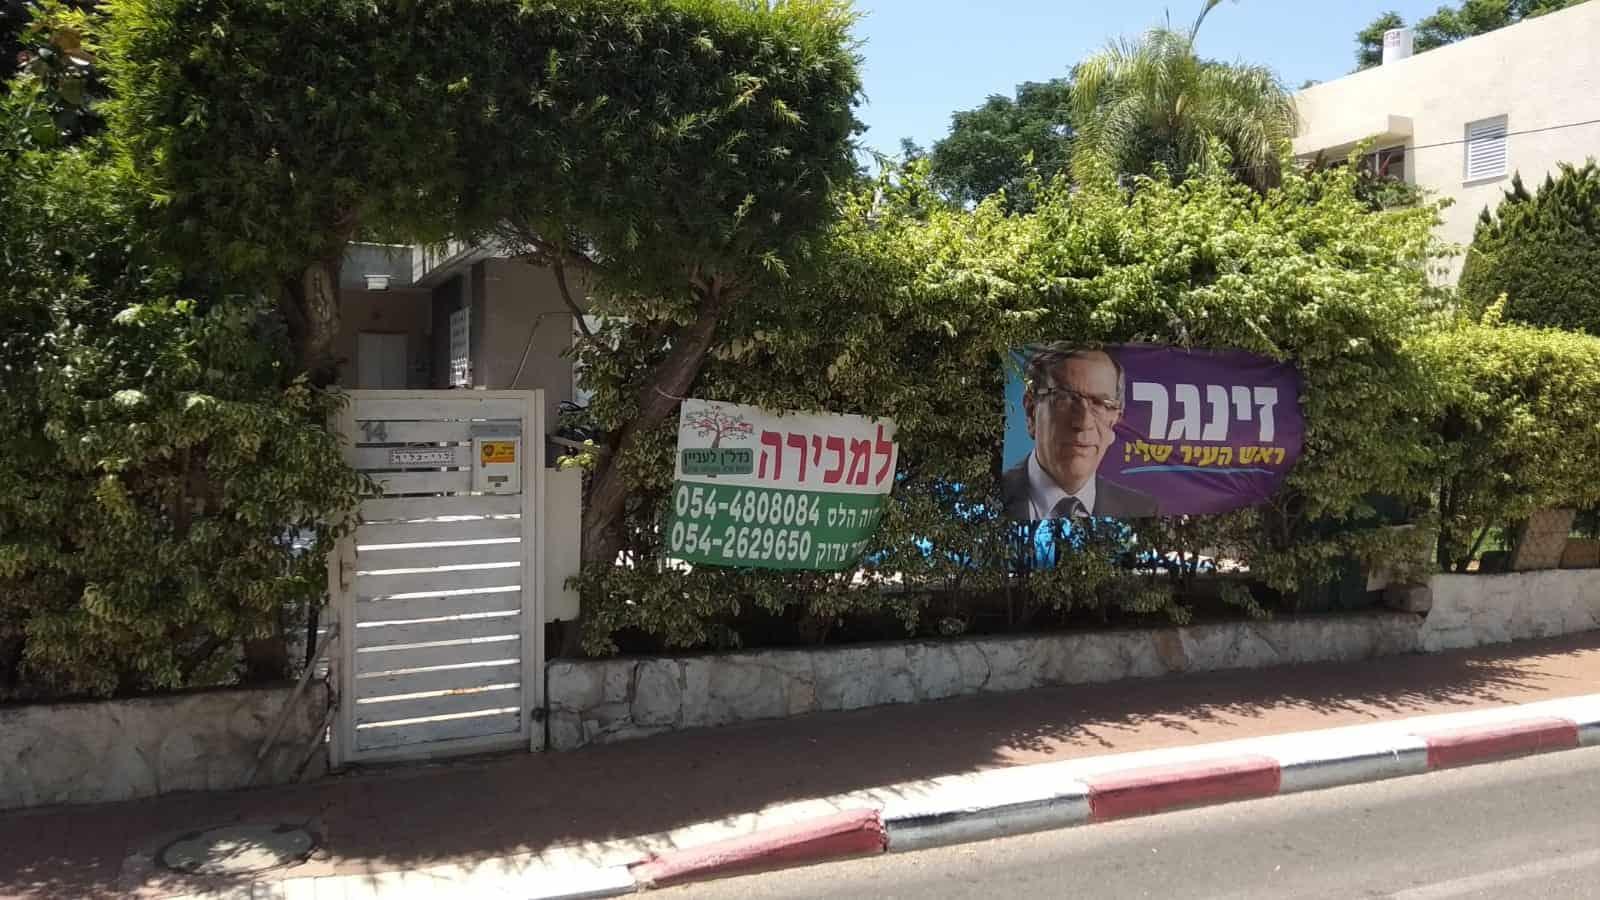 ימשיך במסע הבחירות ללא החשדות בפלילים, צילום: פרטי